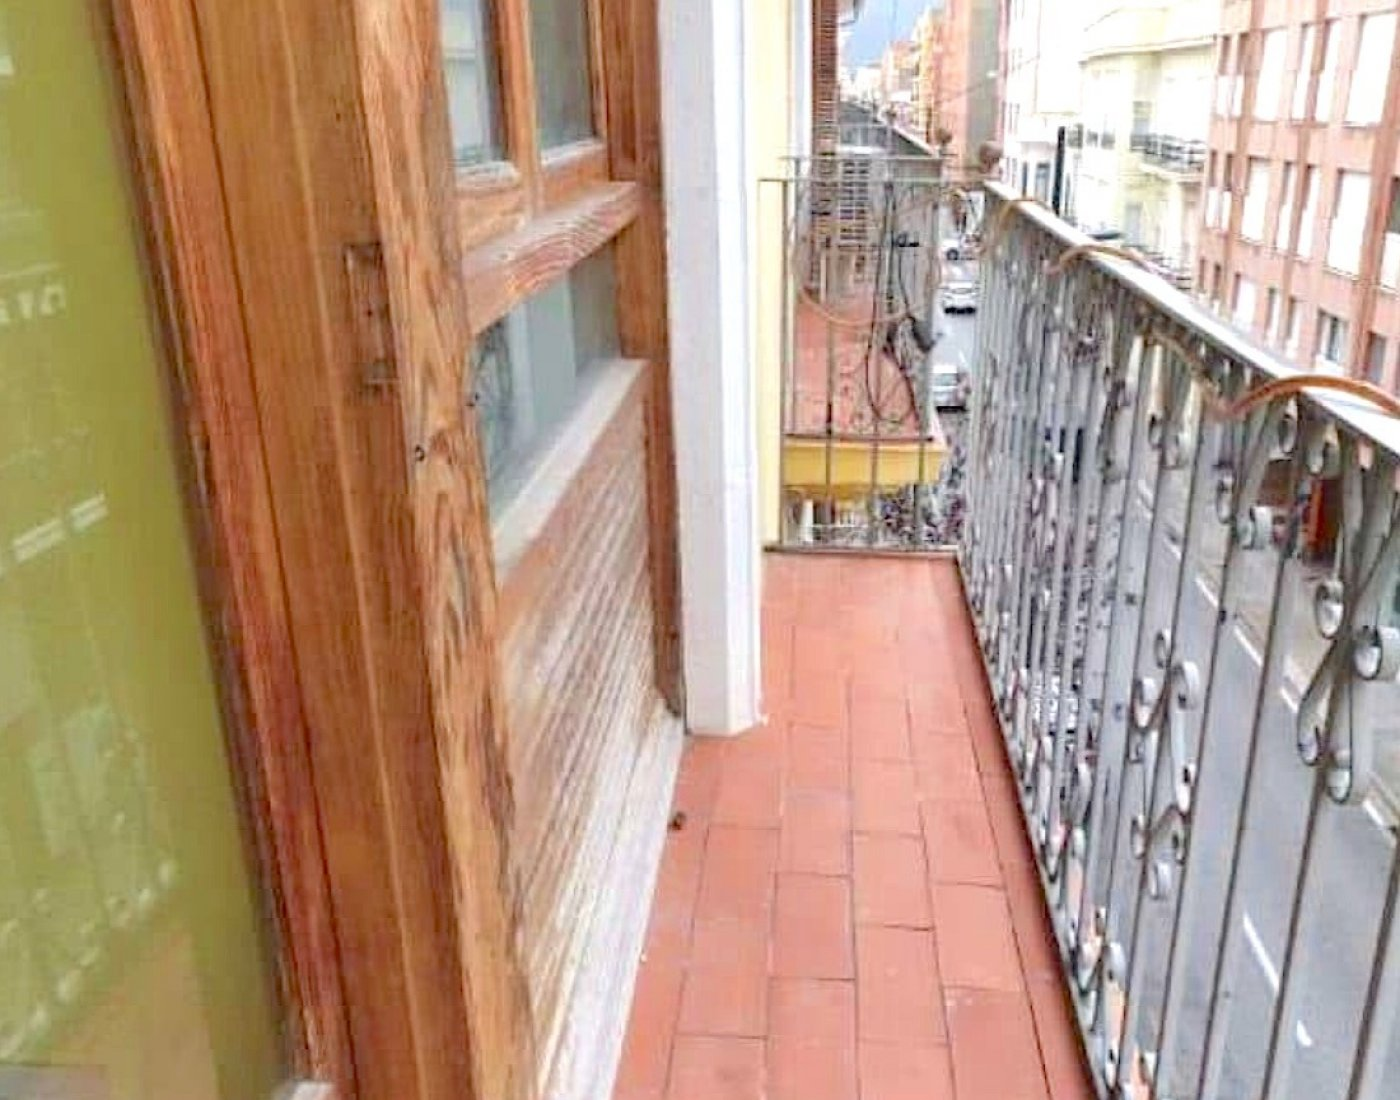 Piso céntrico en venta en calle alzira, 5, 46701, gandia (valencia) - imagenInmueble1